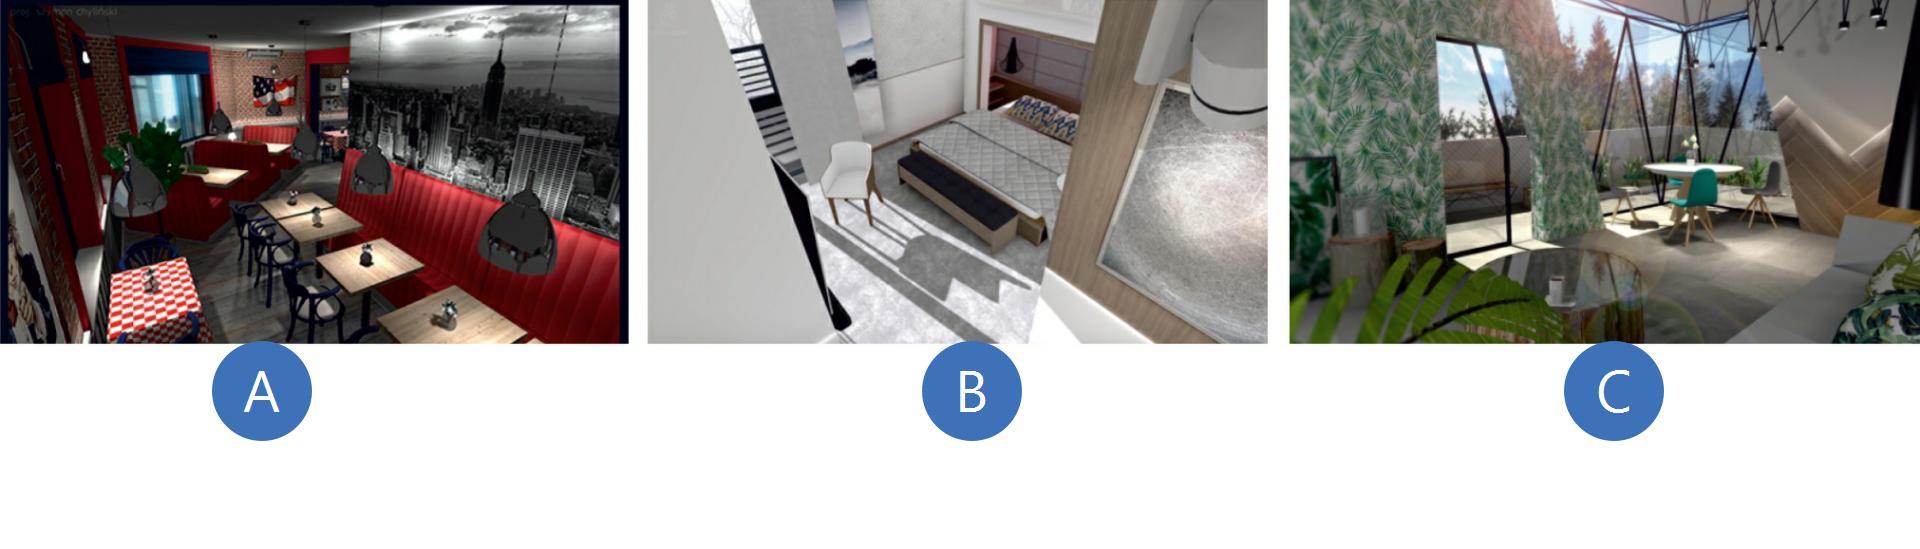 Pierwsza ilustracja przedstawia projekt pomieszczenia kawiarni. widać na nim poustawiane stoliki ikrzesła oraz czerwoną kanapę ciągnącą się wzdłuż ściany. Nad nią wisi szara tapeta zpanoramą miasta. Część ścian idekoracje również mają kolor intensywnej czerwieni. Zgóry zwisają szare lampy. Widać kontrast między elementami wdwóch dominujących kolorach. Drugie zdjęcie to pomieszczenie wkolorach bieli. Wszystkie elementy takie jak krzesło czy łóżko są białe zdrewnianym stelażem. widać, że pomieszczenie jest dobrze oświetlone. Trzecie pomieszczenie to salon zjasną sofą. Wrogu stoi stolik zkilkoma krzesłami. Jedna ze ścian wpołowie jest przeszklona, ana drugiej pojawiają się zielonkawe wzory liści. Pomieszczenie jest oświetlone wiszącymi lampami wokolicy stolika. Kolory ścian idekoracji są stonowane iwspółgrają ze sobą.